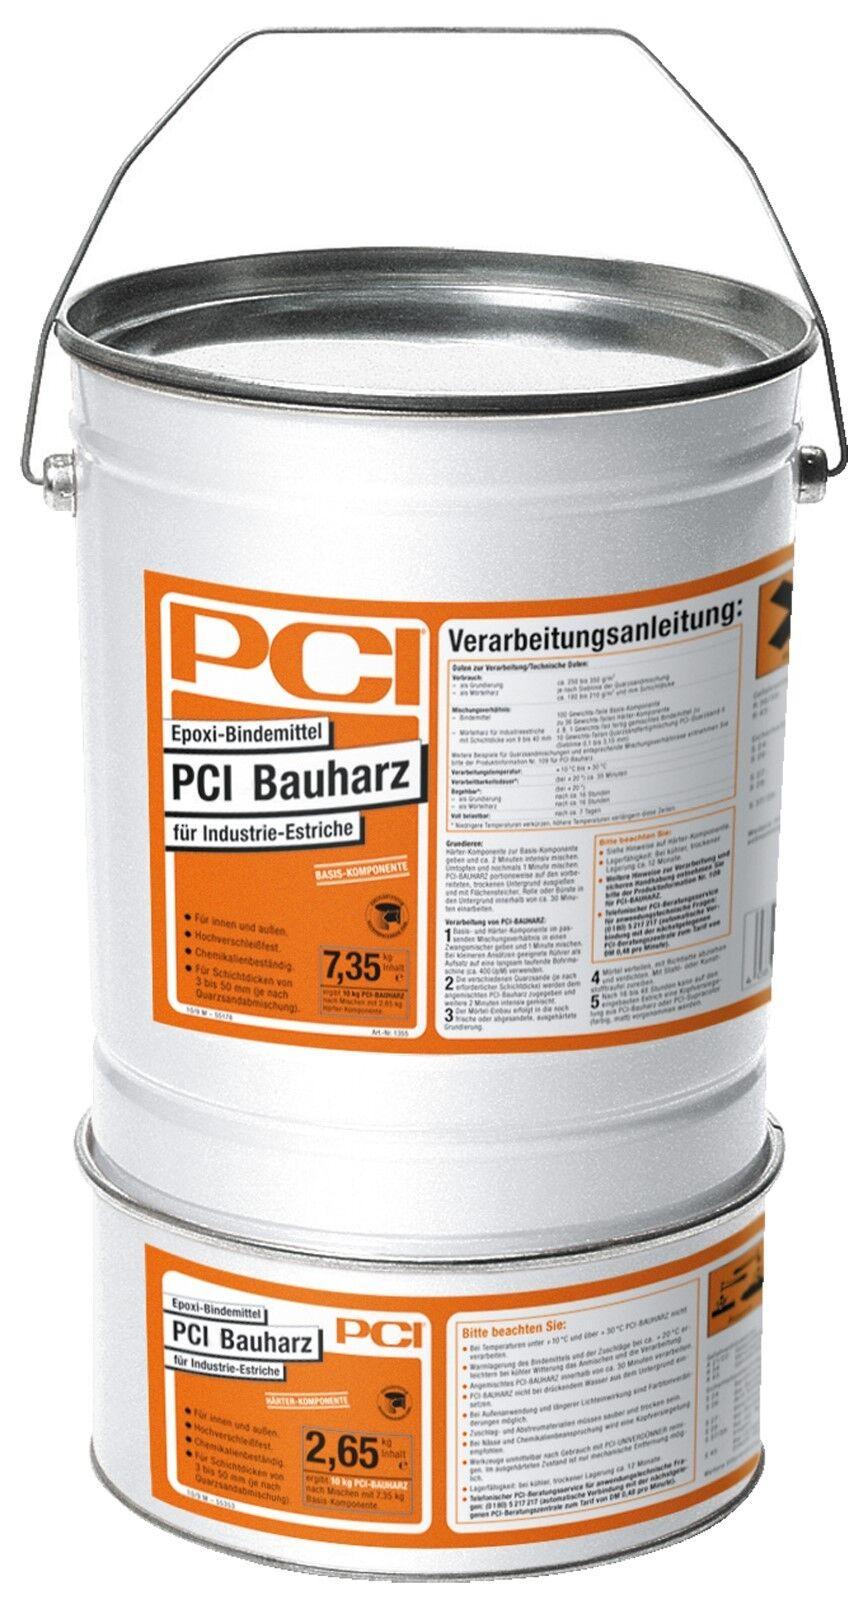 PCI Bauharz 10 kg Epoxi-Bindemittel Harz Ausgleichsmörtel und Reparaturmörtel